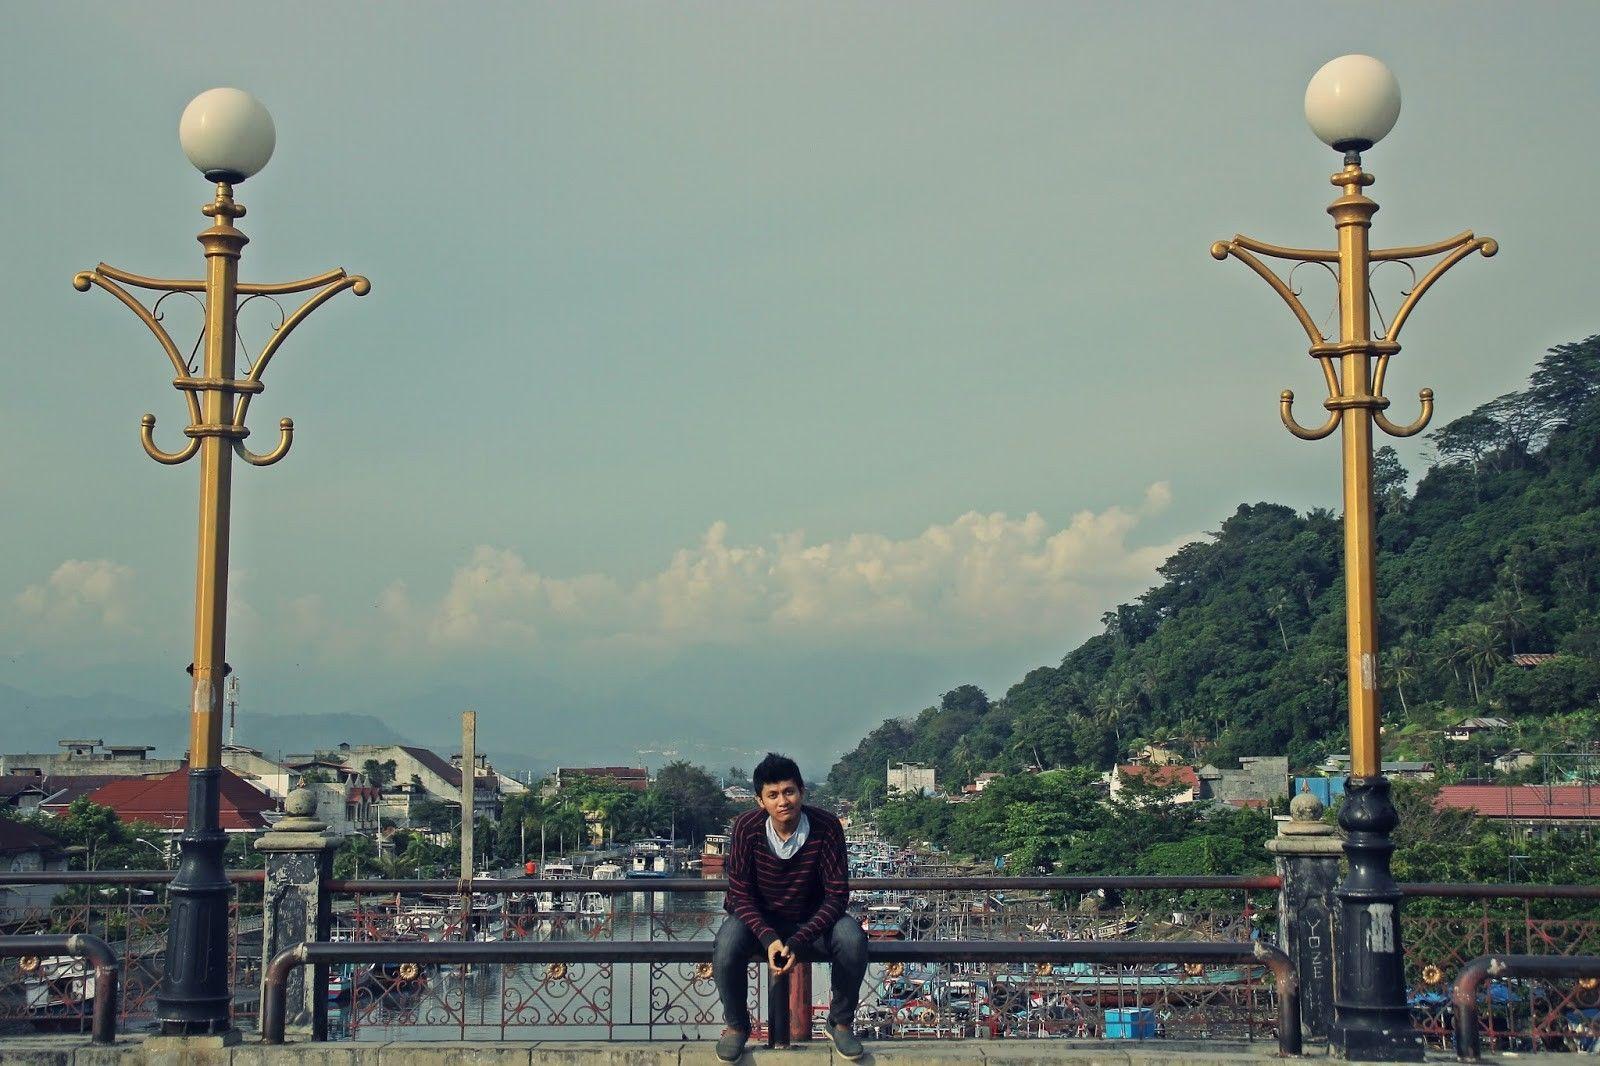 Menghabiskan Sore Jembatan Siti Nurbaya Melegenda Padang 3 Penggemar Selfie